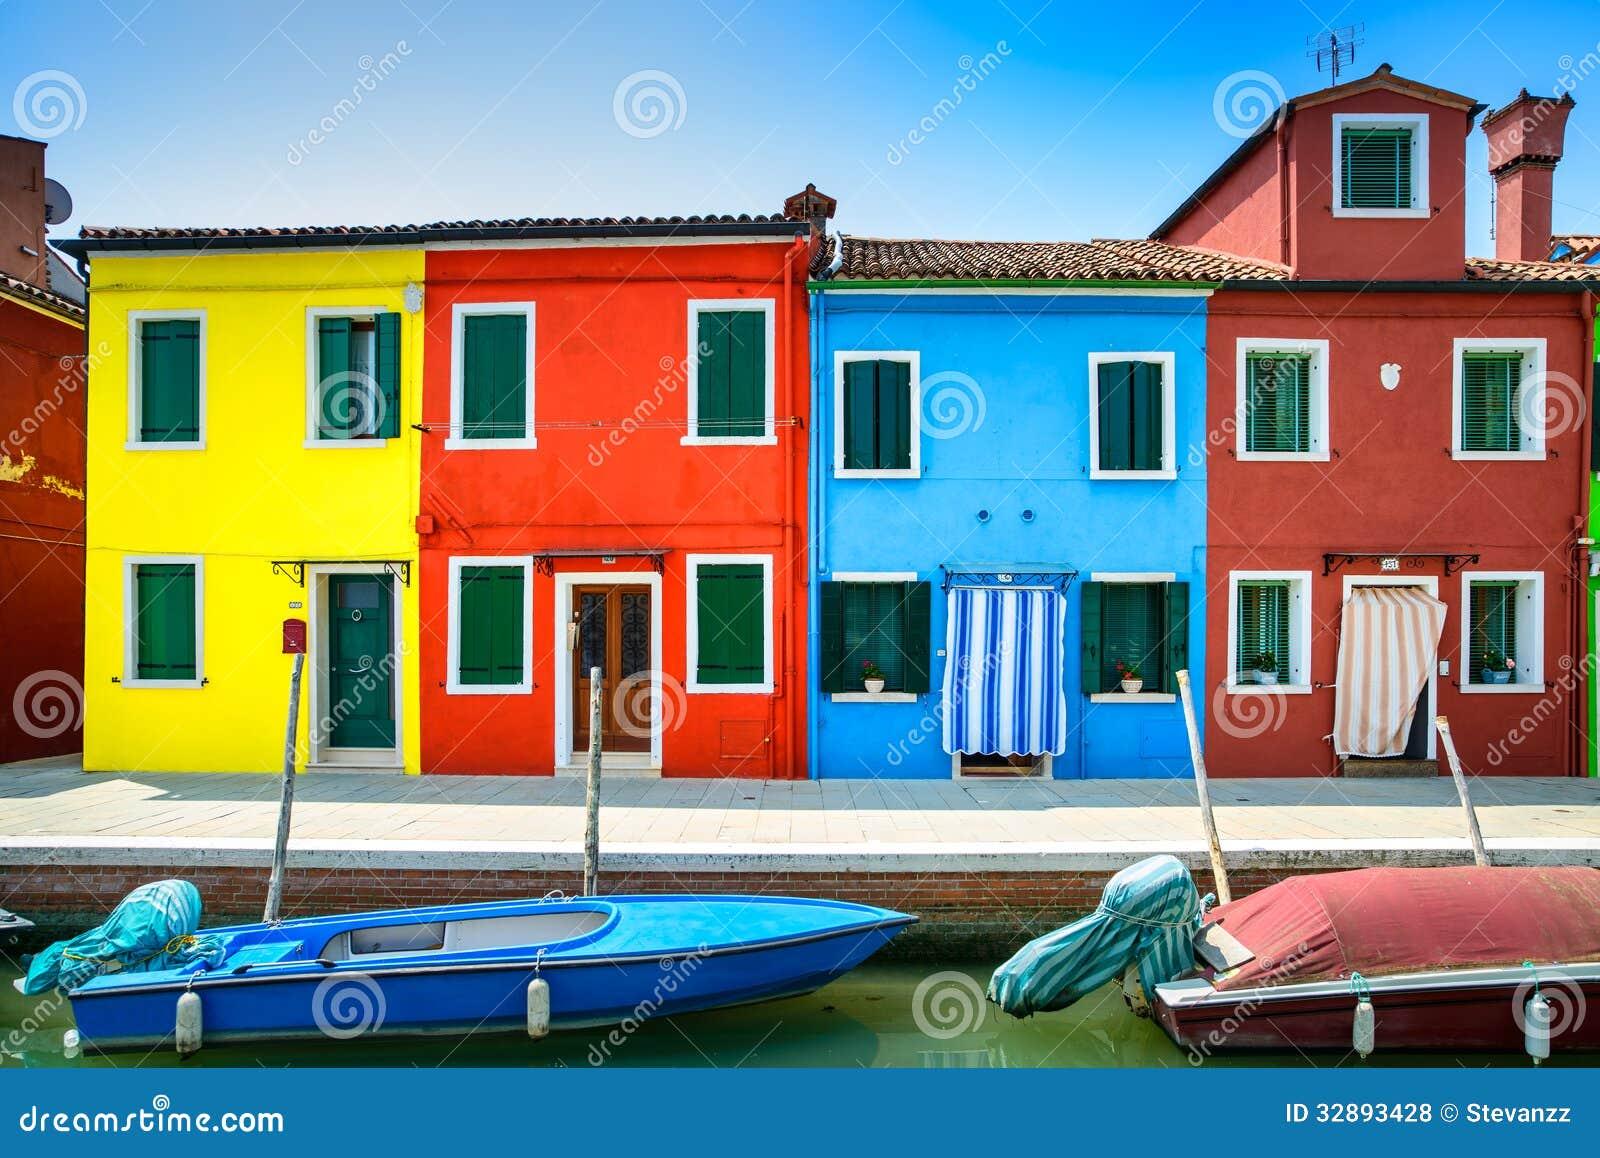 Häuser Italien venedig markstein burano inselkanal bunte häuser und boote